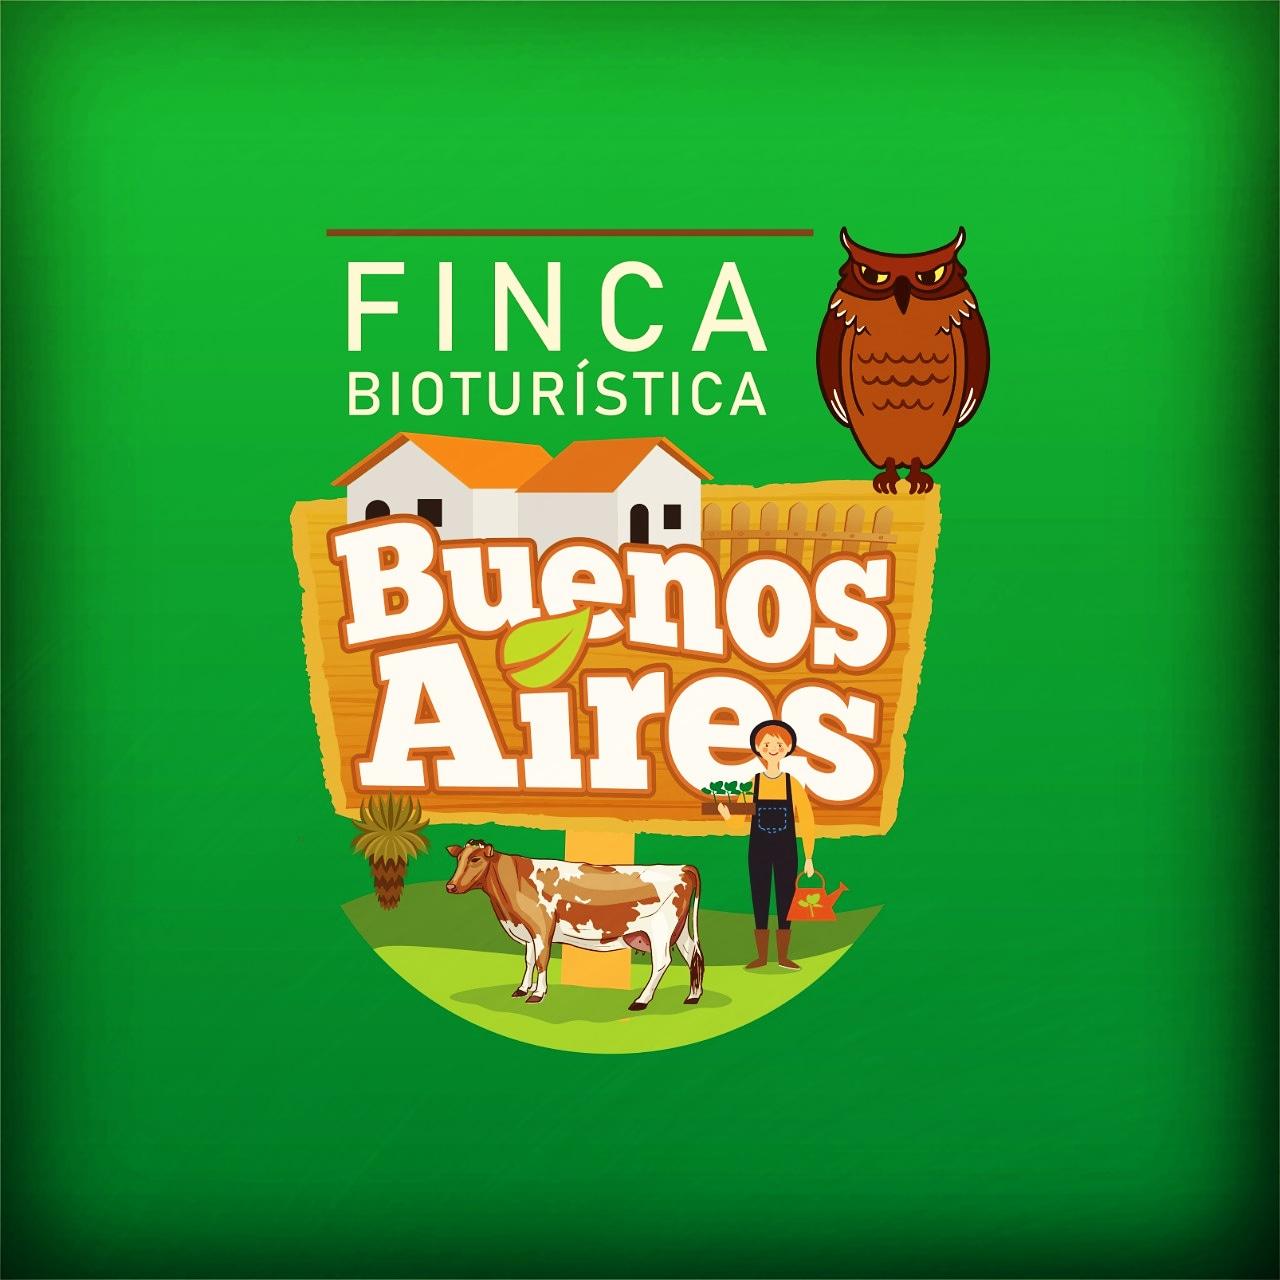 FINCA BIOTURISTICA BUENOS AIRES